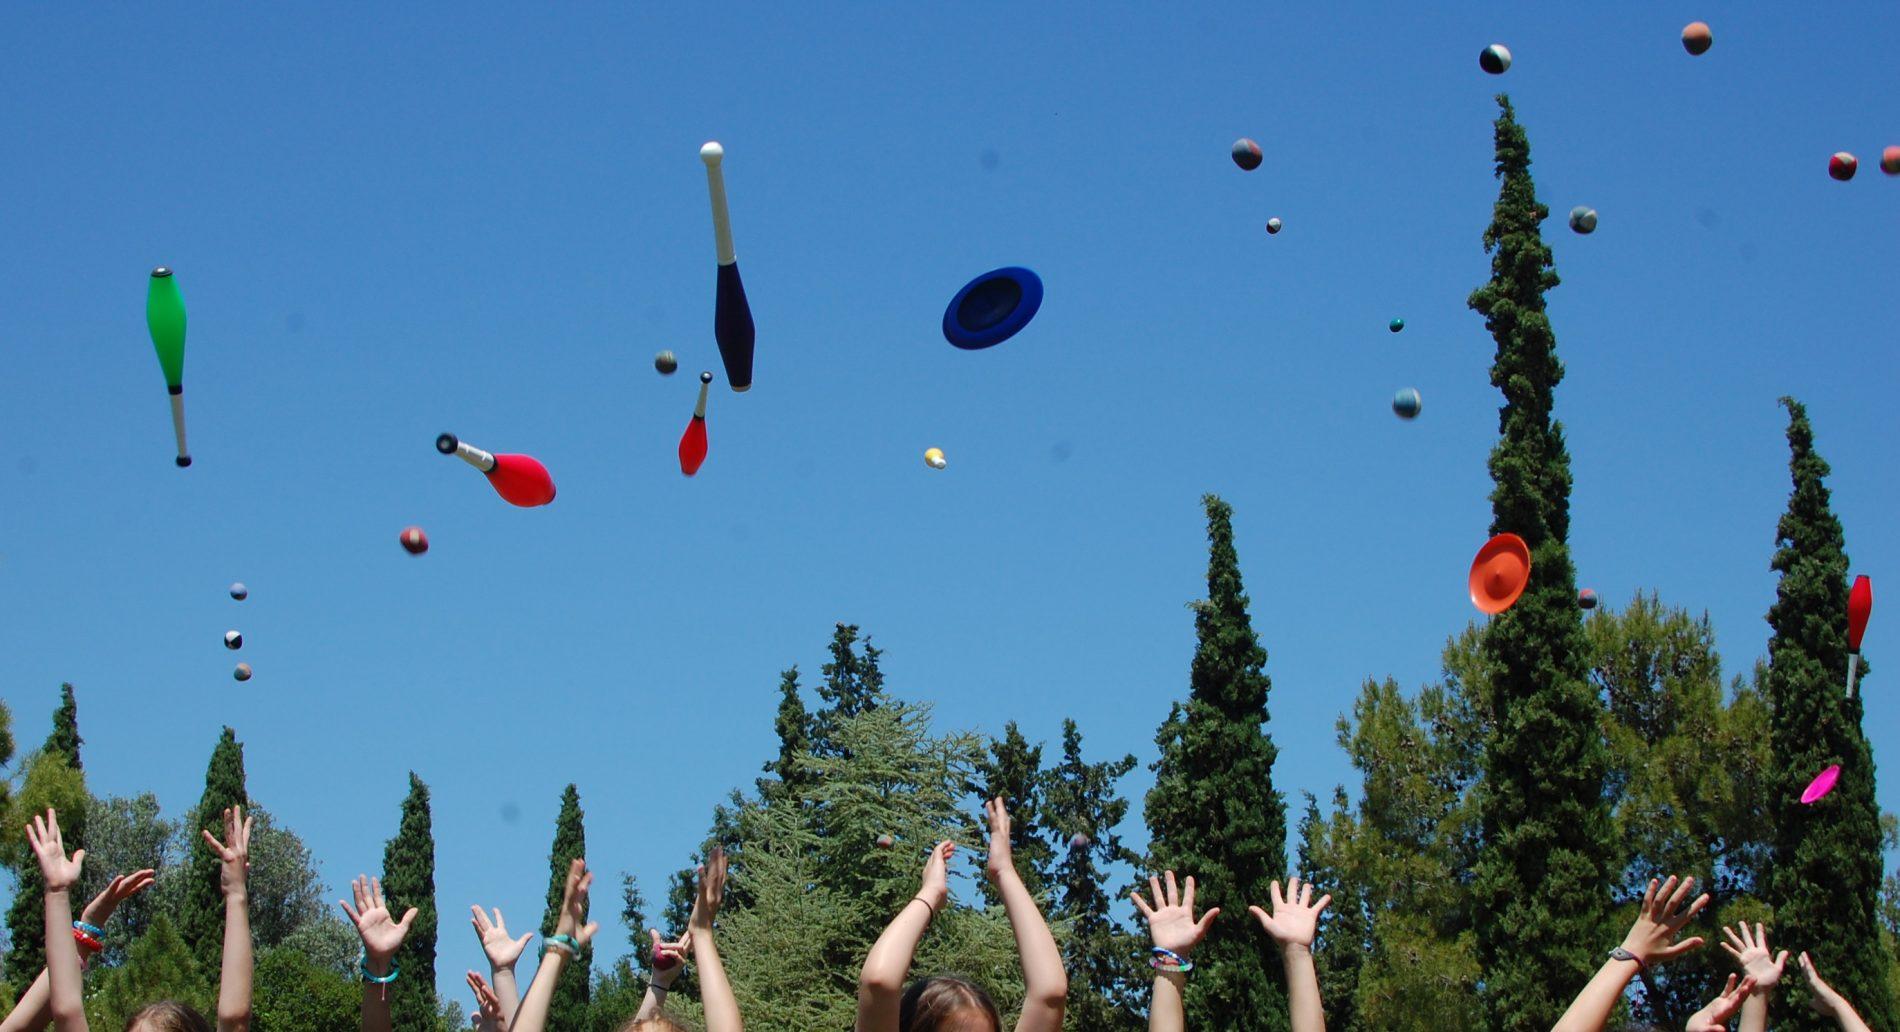 Μαθητές του ομίλου Juggling και δεξιοτεχνίας του Δημοτικού σχολείου του Κολεγίου Αθηνών πετούν στον αέρα τα παιχνίδια τους την τελευταία ημέρα των μαθημάτων